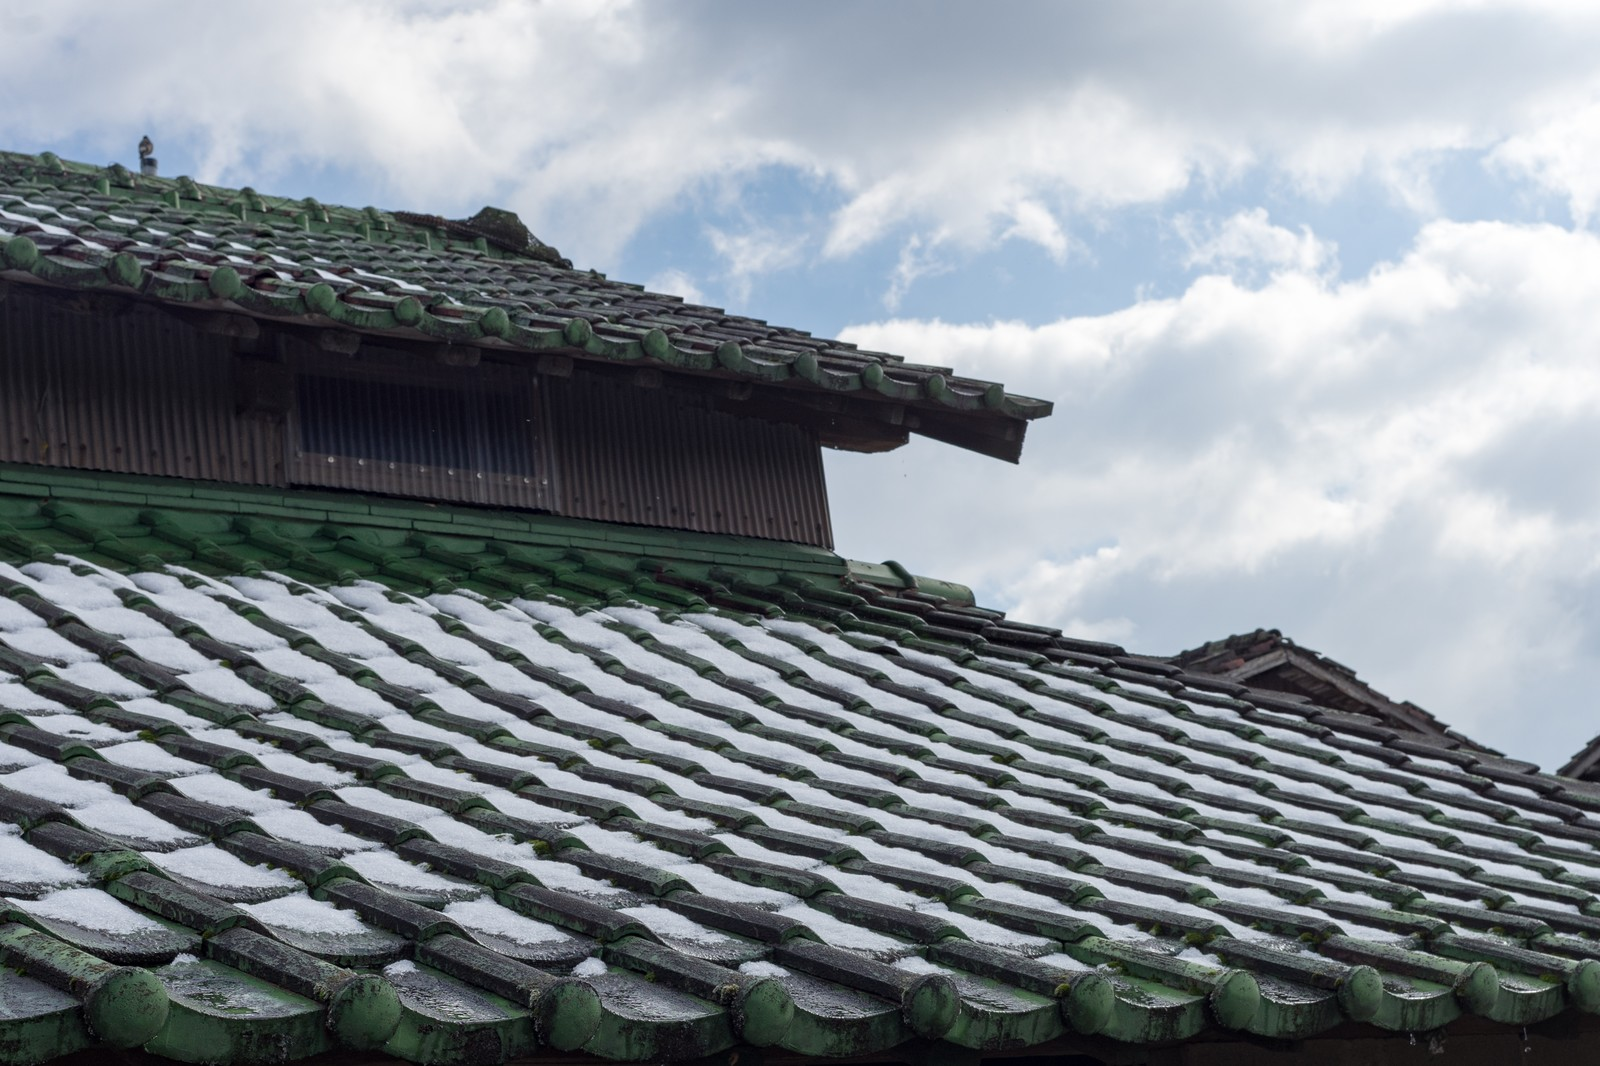 「瓦屋根に雪が残る」の写真